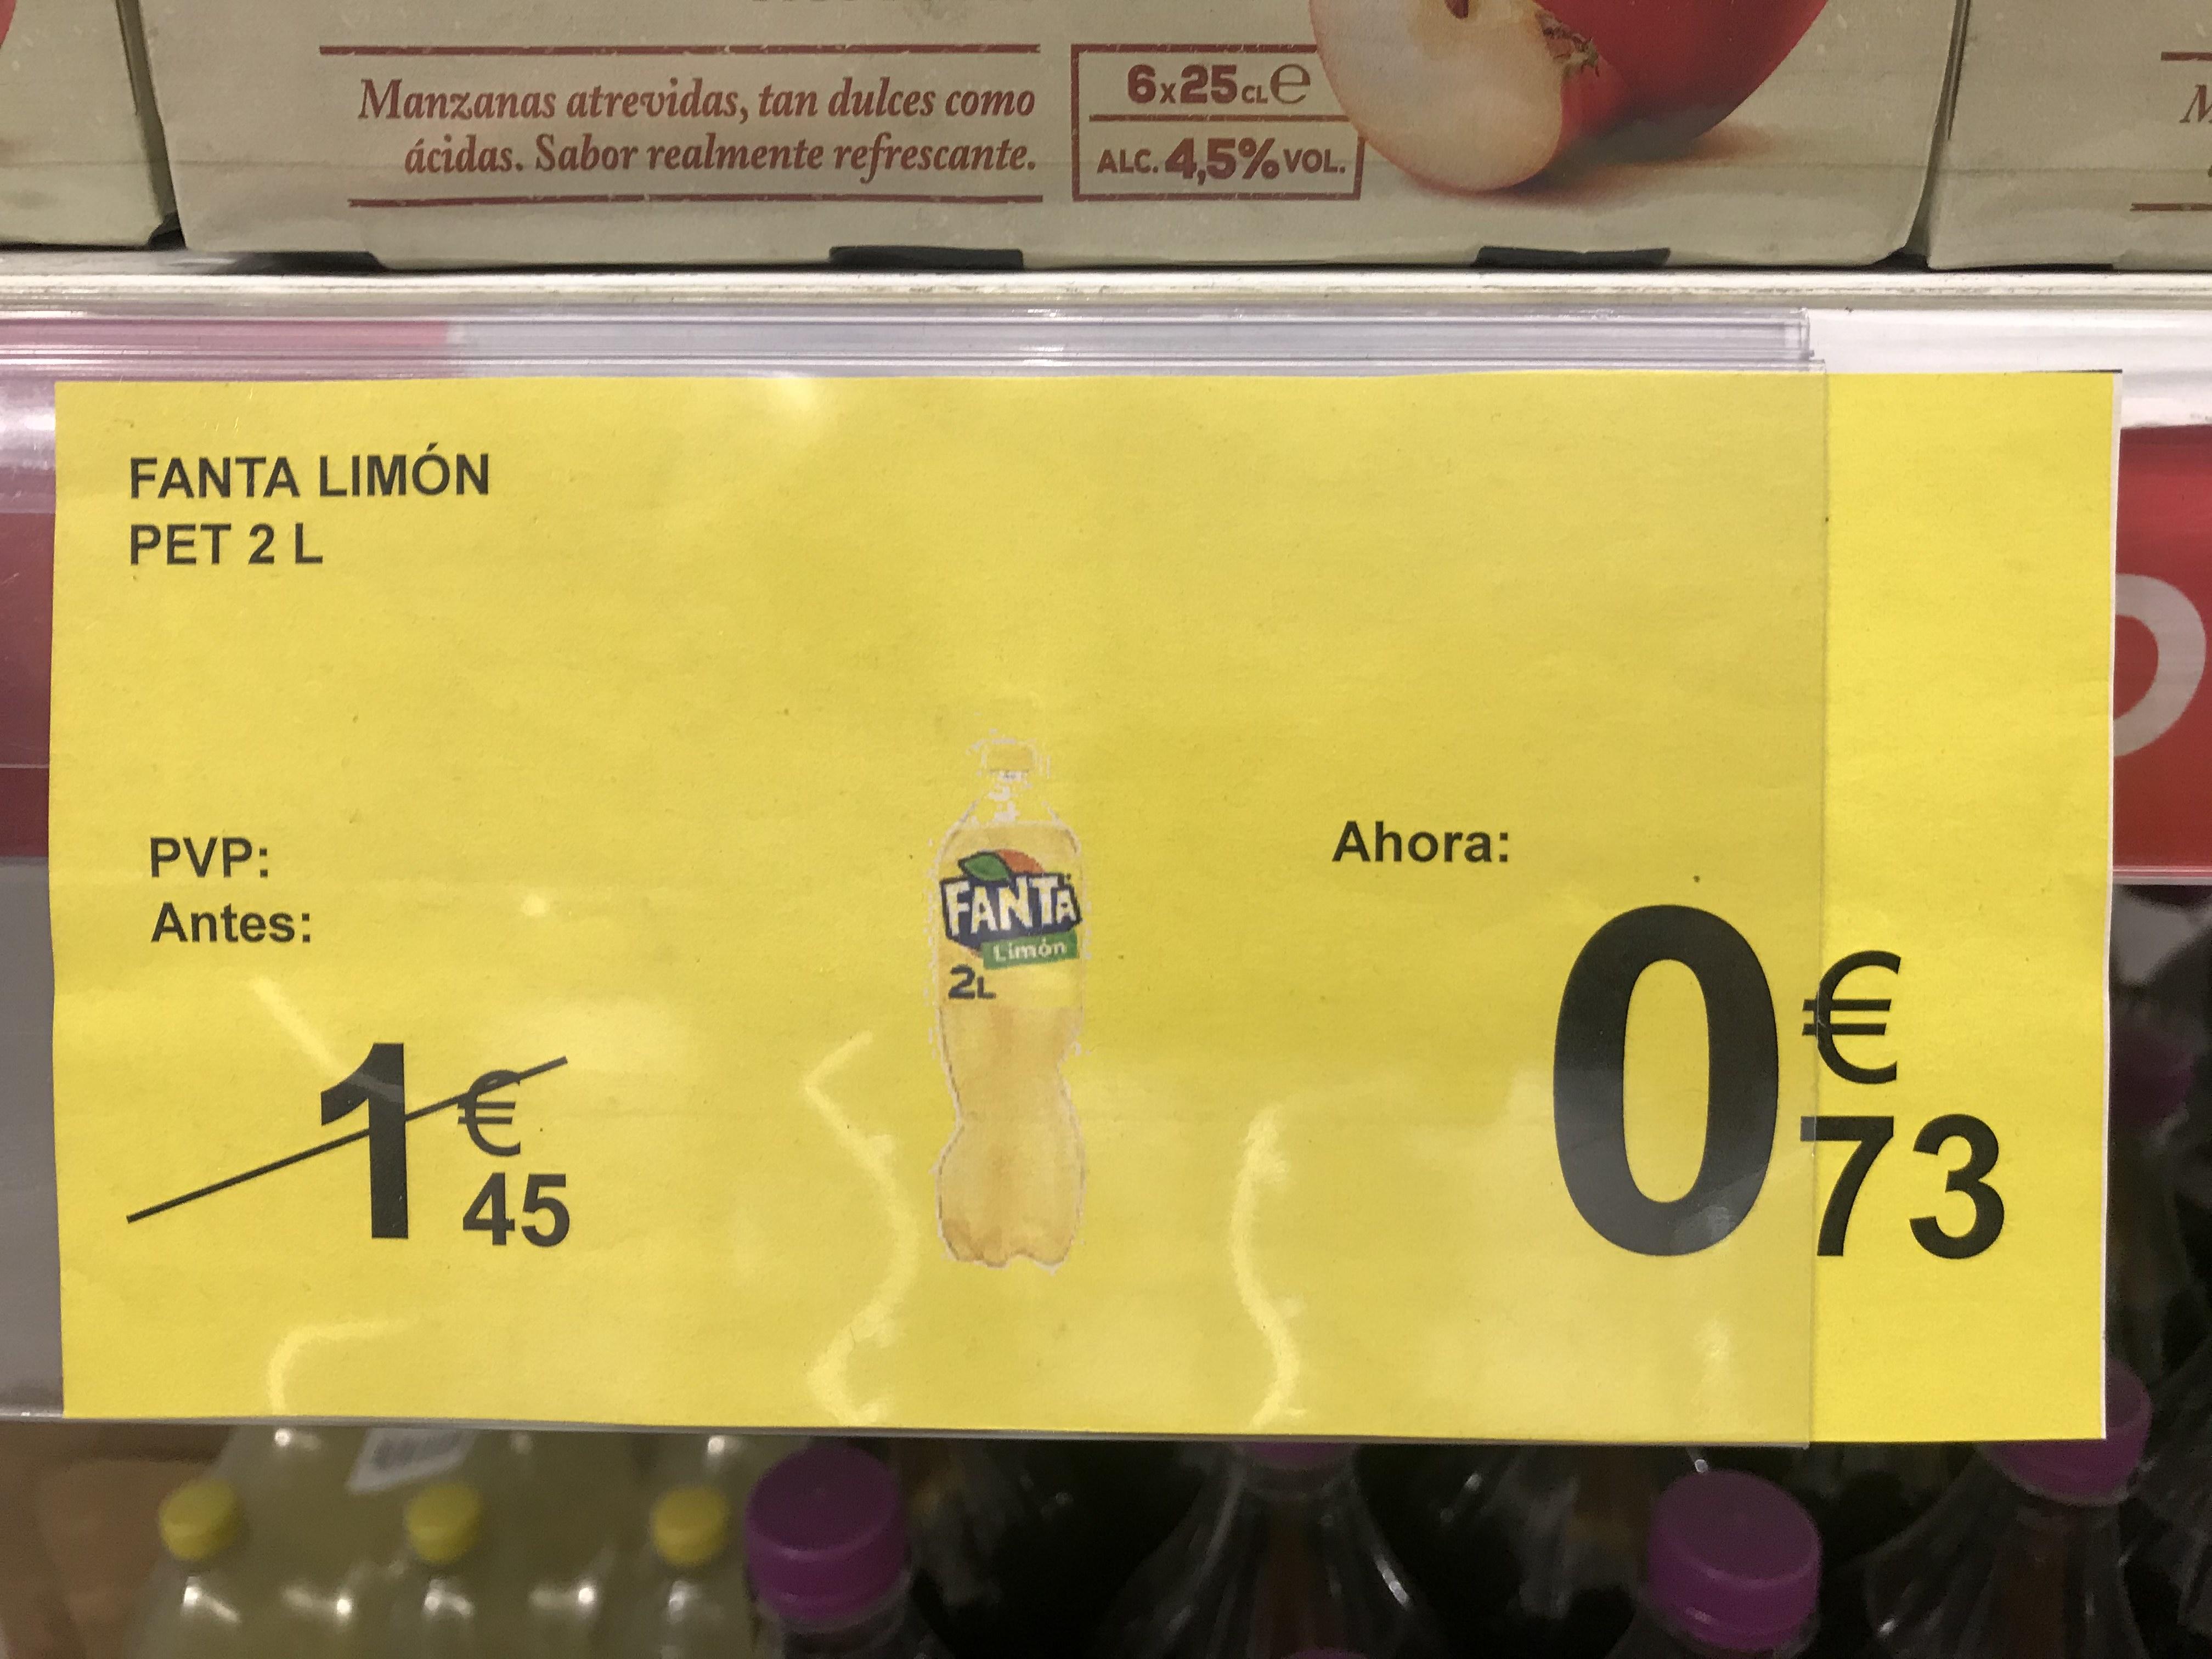 Fanta de limón en carrefour gran turia (valencia)